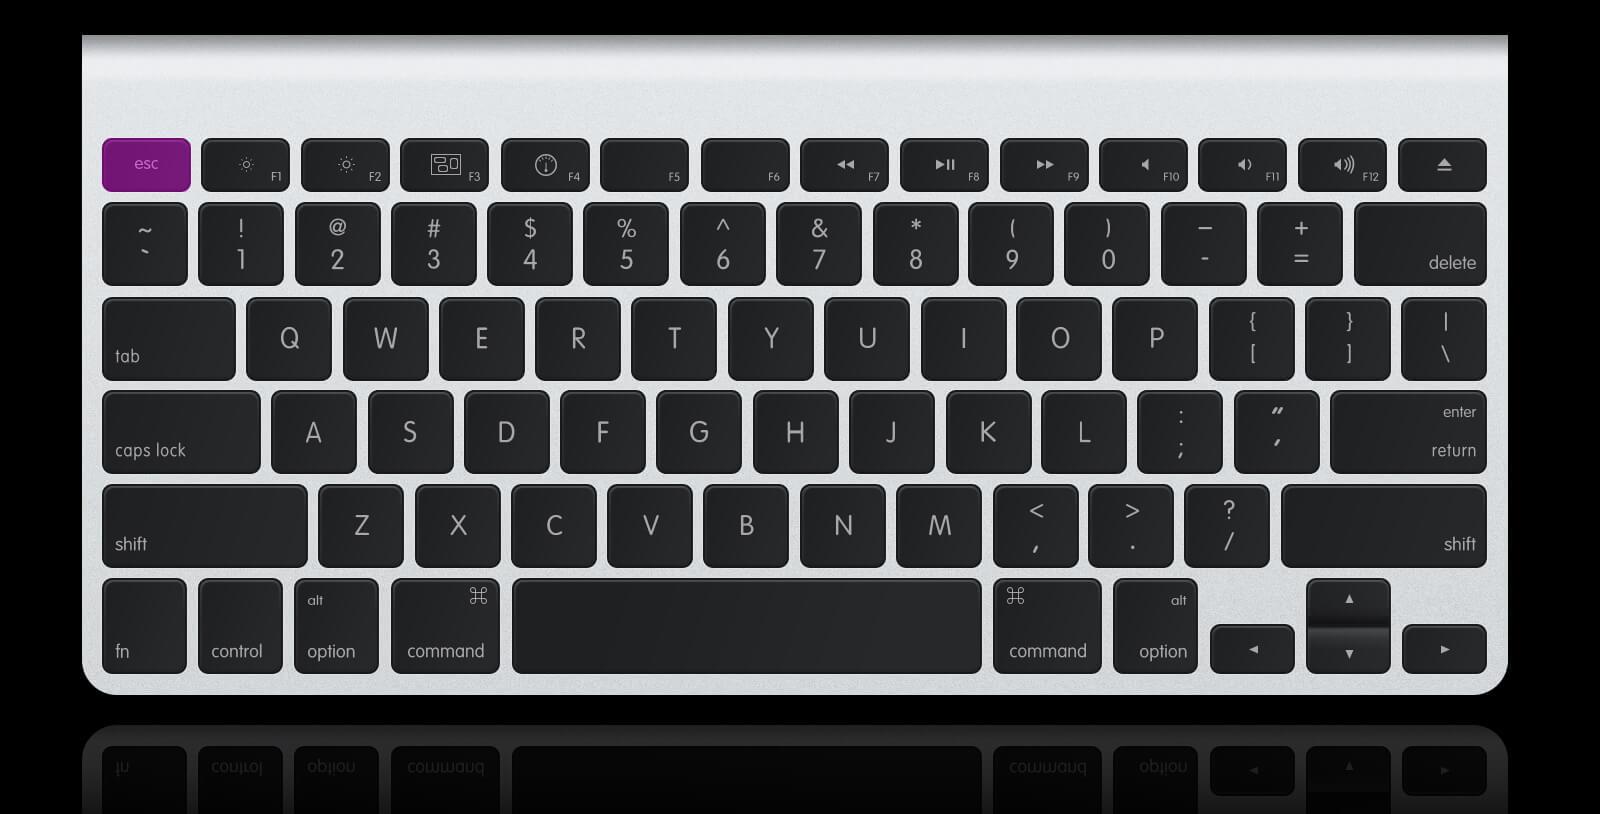 skillclient-keyboard